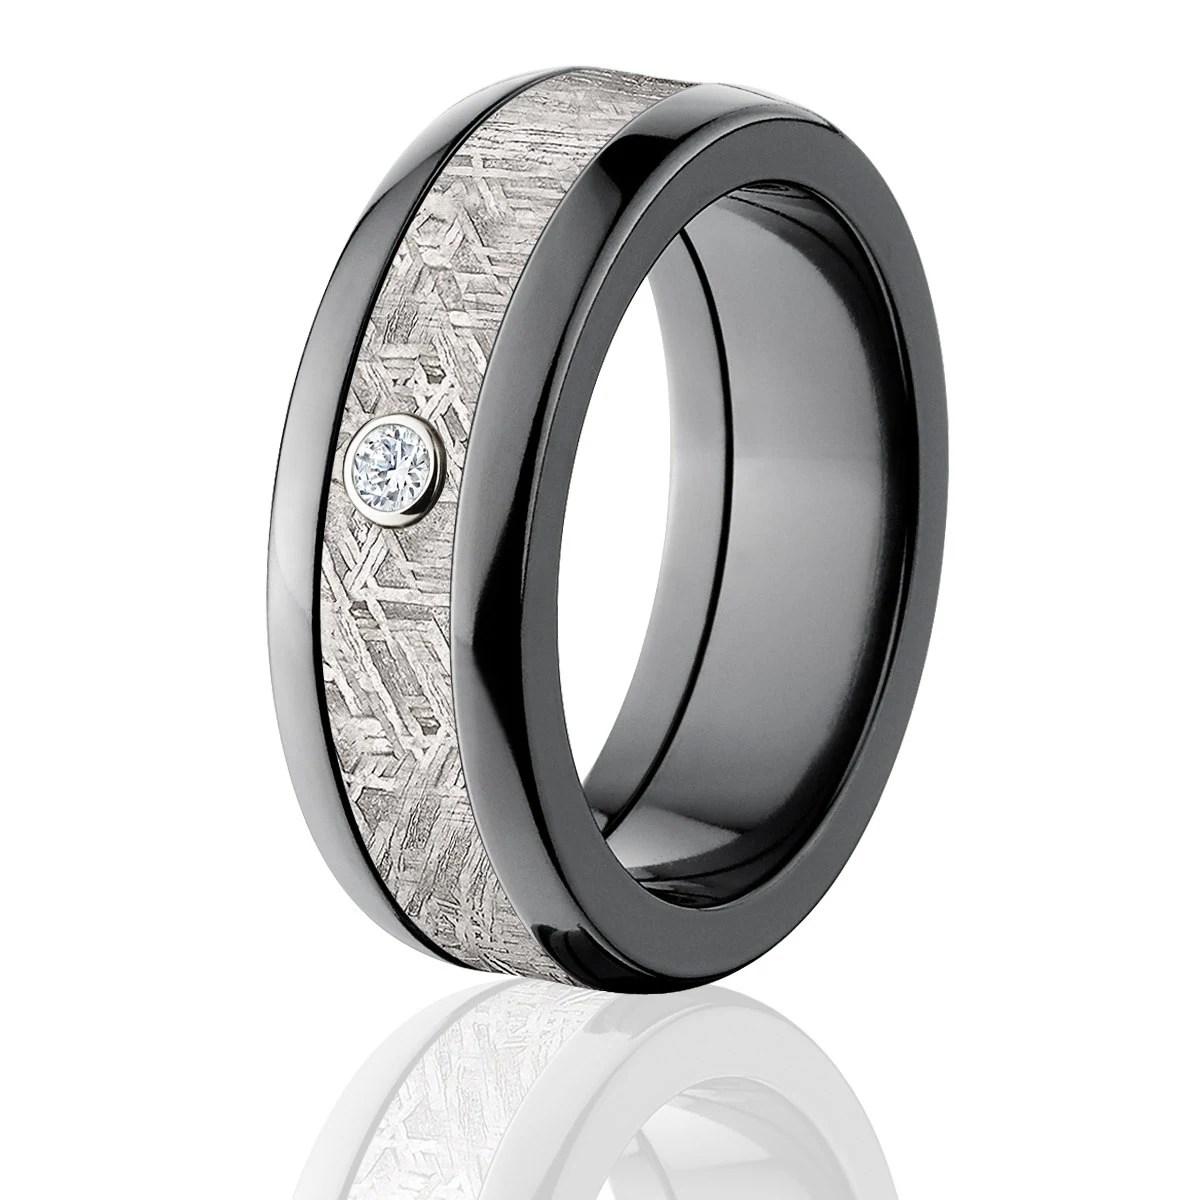 New Meteorite Rings Diamond Meteorite Wedding Bands